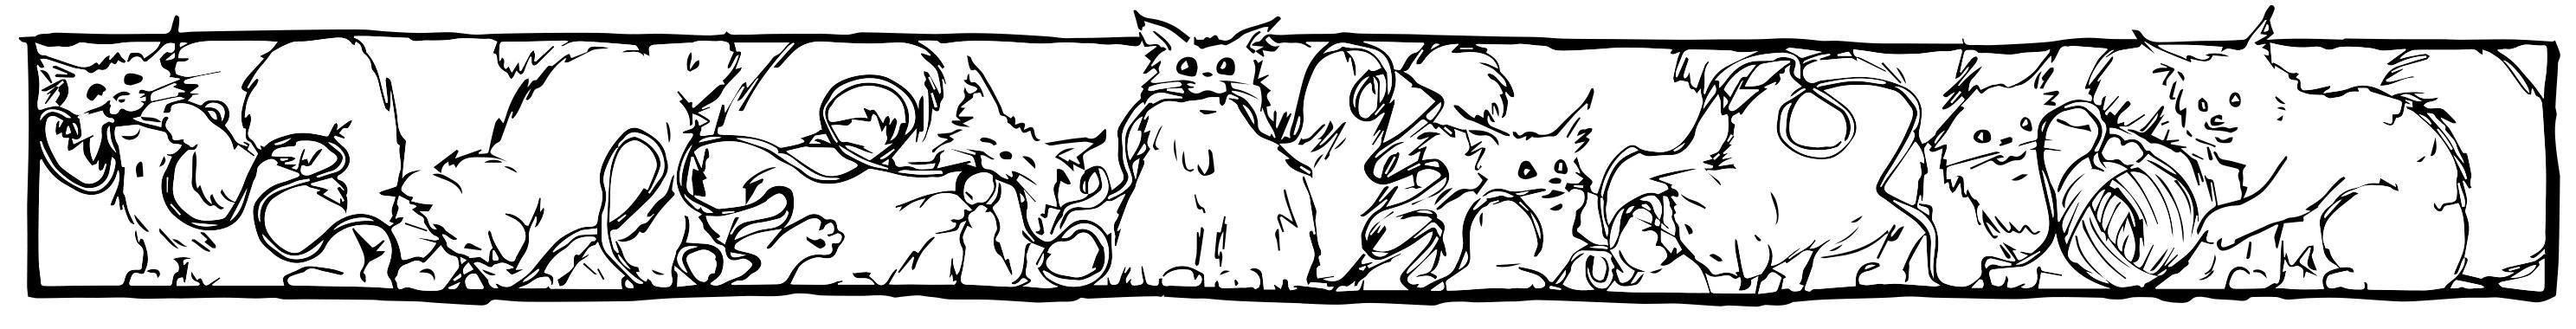 Hodowla kotów norweskich leśnych Bydgoszcz